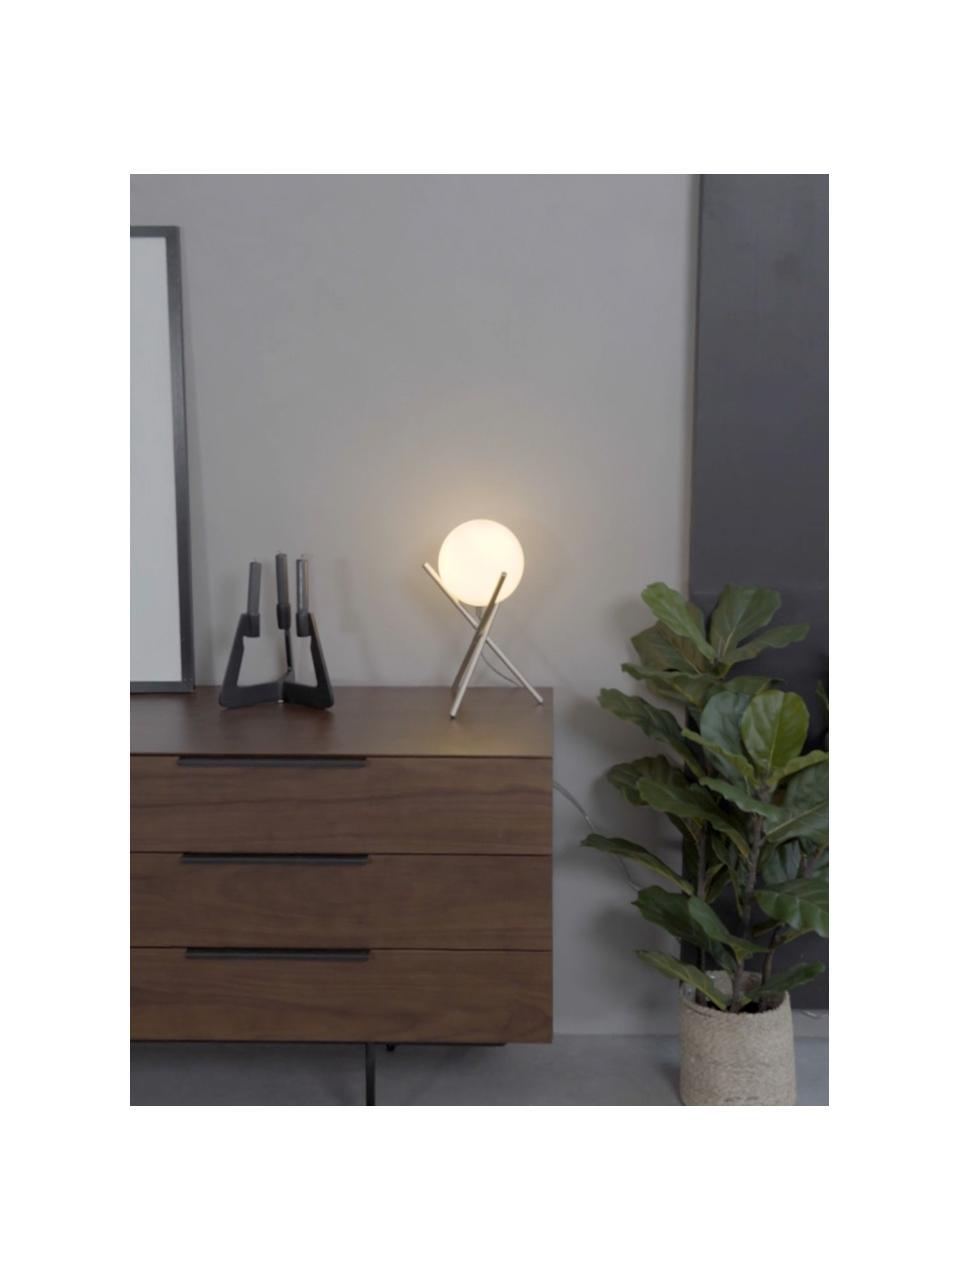 Lampada da tavolo con paralume in vetro Erik, Paralume: vetro, Base della lampada: metallo verniciato, Bianco, champagne, Ø 15 x Alt. 33 cm